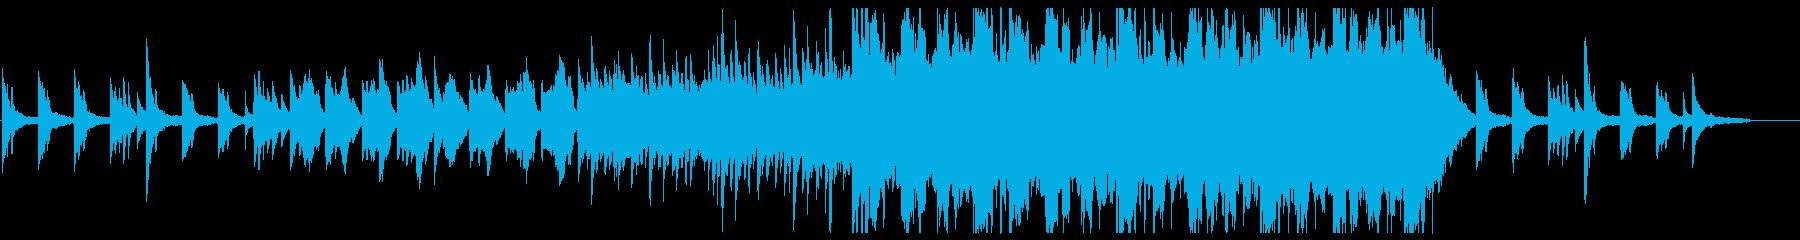 ピアノとストリングスの幻想的で優しい曲の再生済みの波形